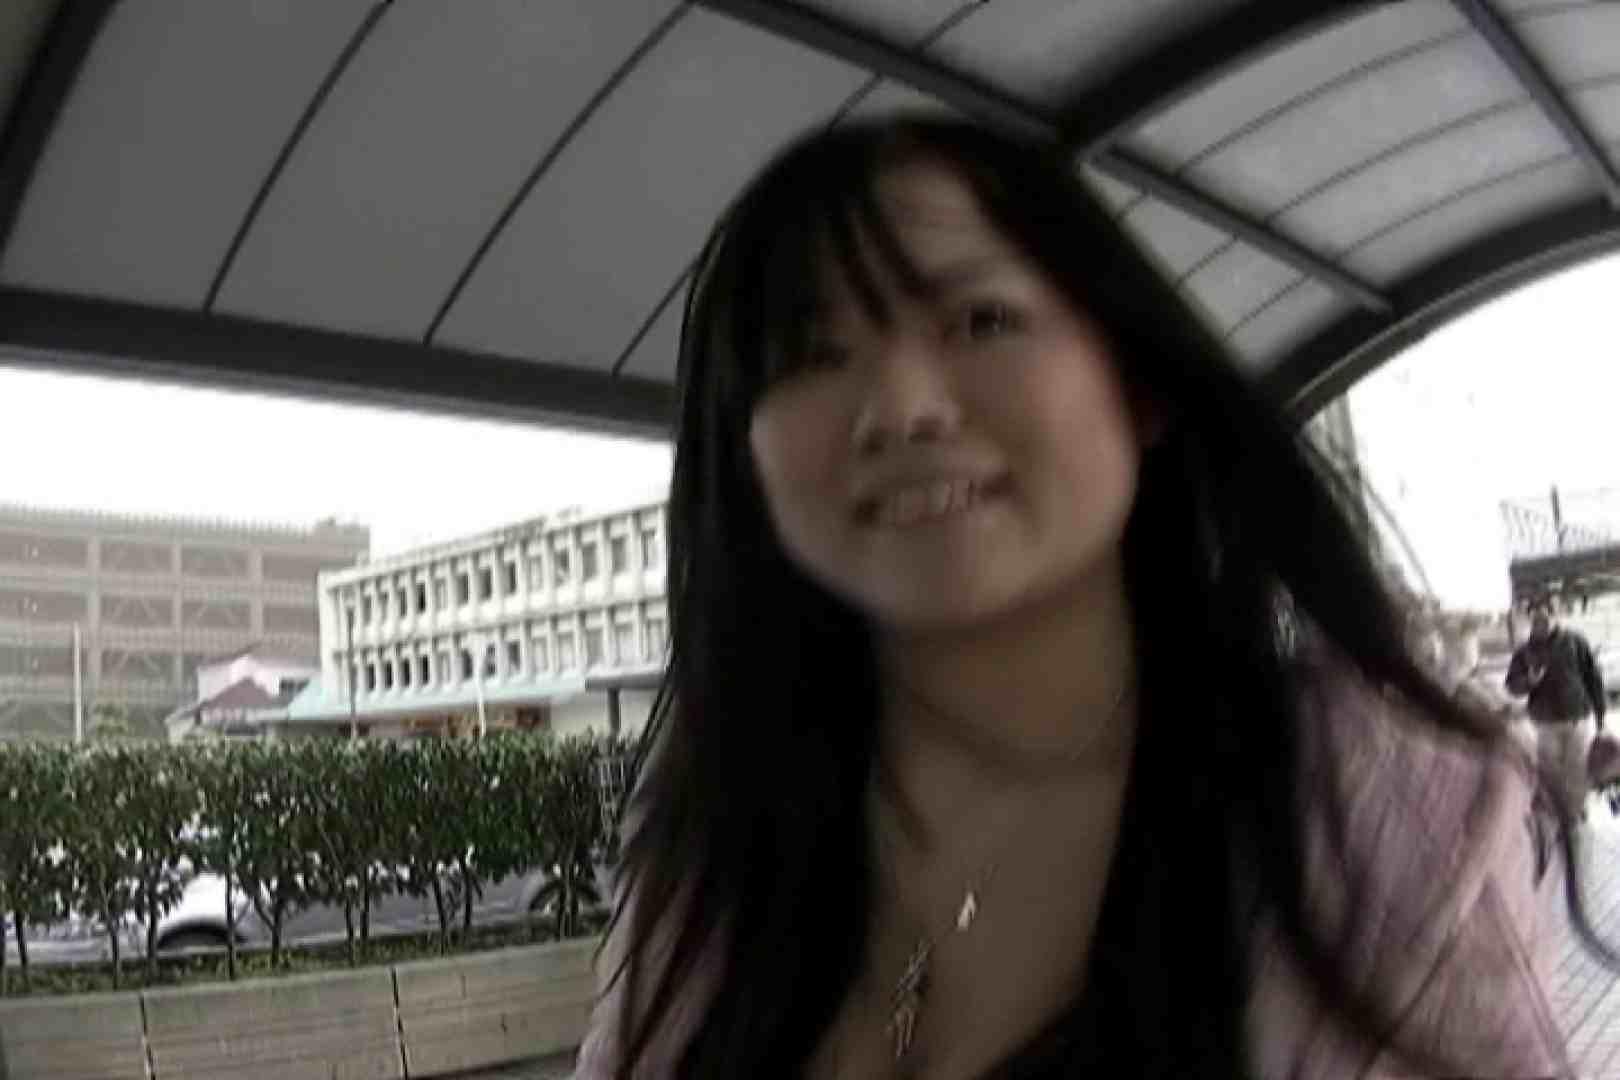 素人嬢がAV面接にやって来た。 仮名ゆみvol.2 フェラ 盗撮動画紹介 74pic 21